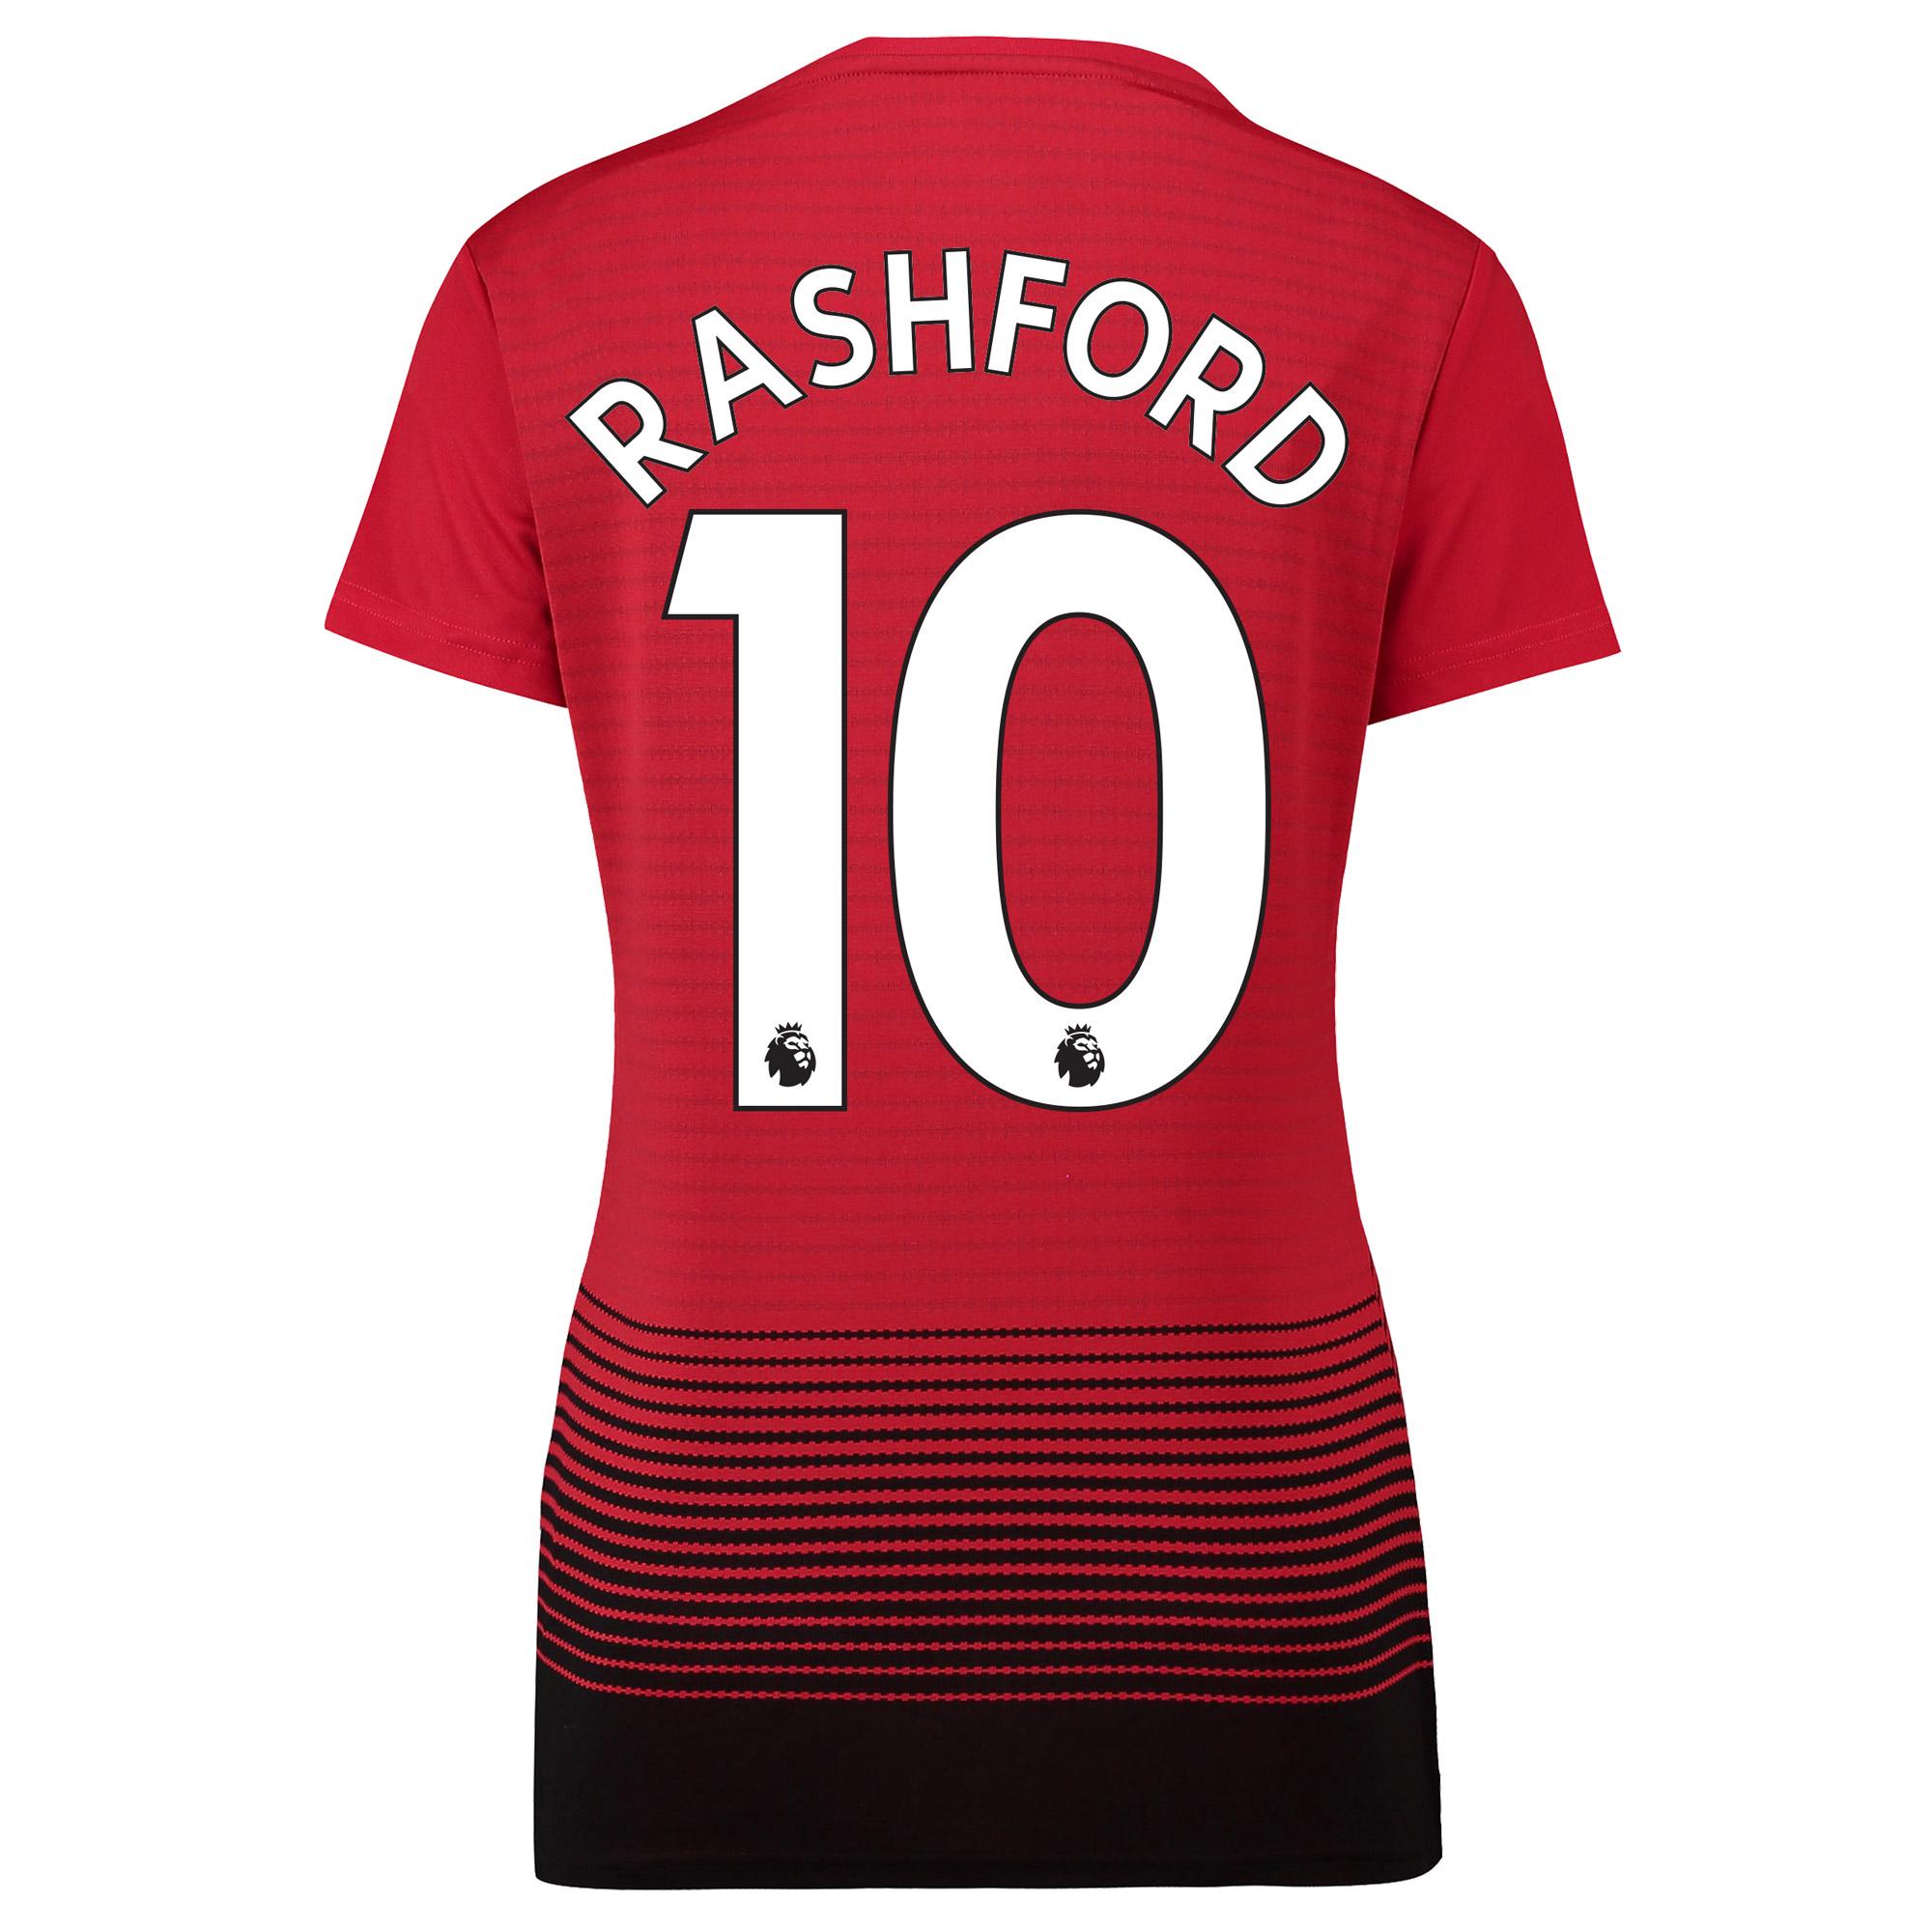 Camiseta de la equipación local del Manchester United 2018-19 para mujer dorsal Rashford 10